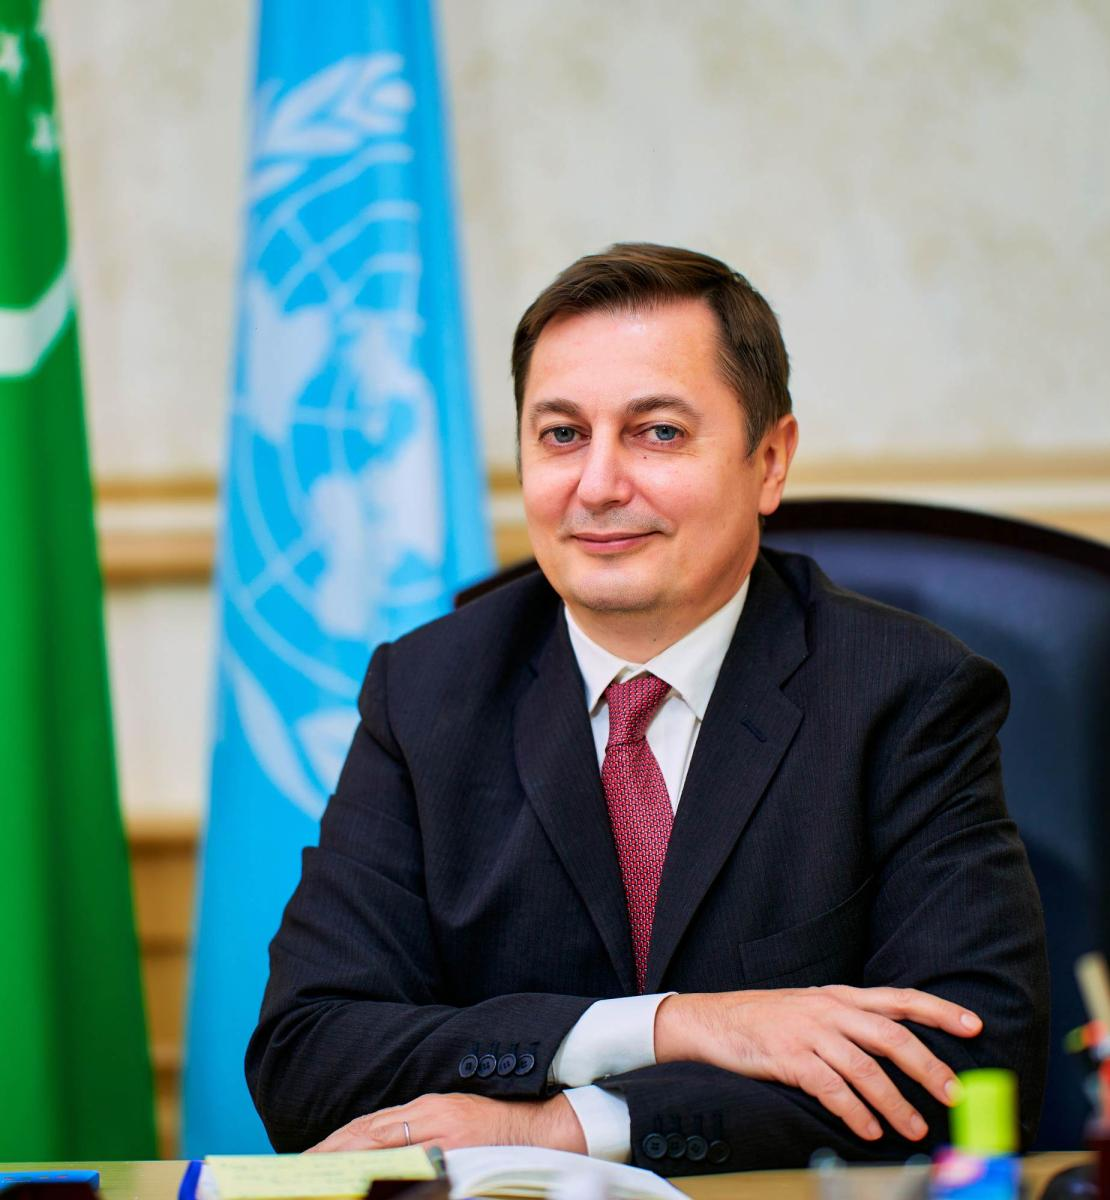 Un hombre con traje sonríe a la cámara con las banderas de Turkmenistán y de las Naciones Unidas.